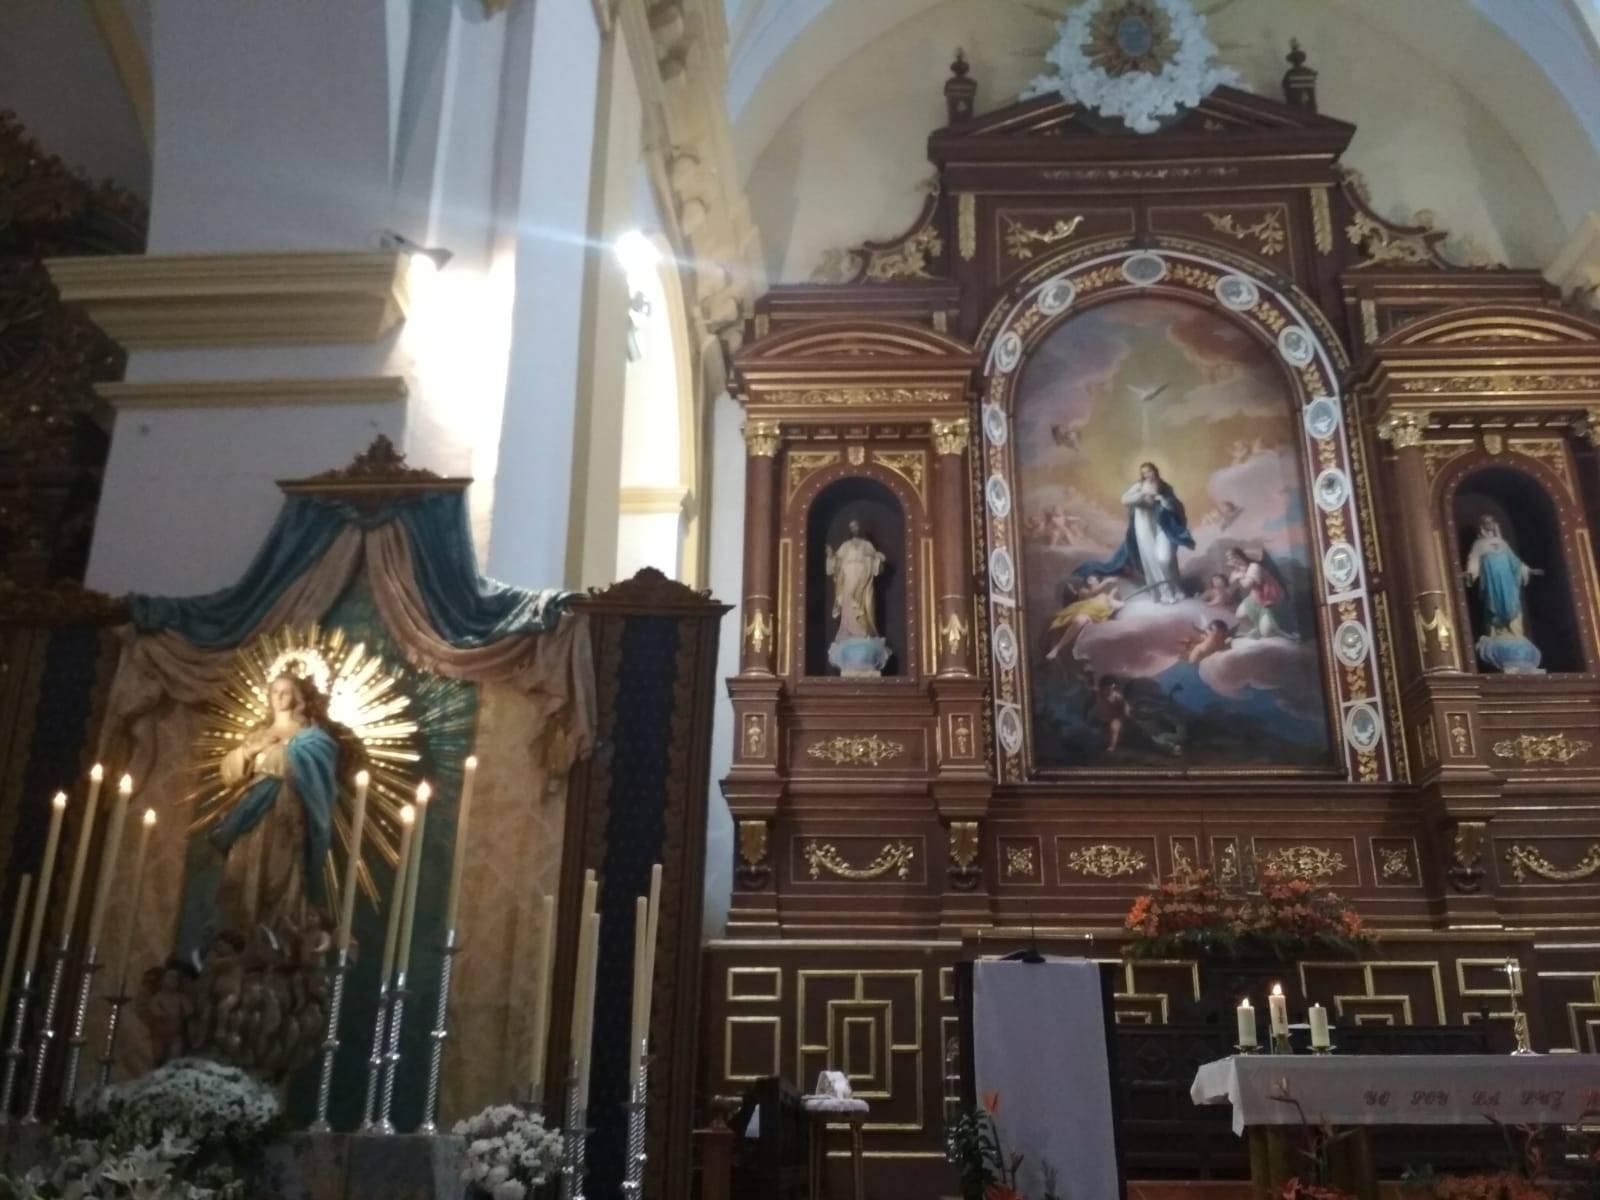 Inmaculada Concepción de Herencia - Actos de las fiestas patronales 2018 en honor a la Inmaculada Concepción